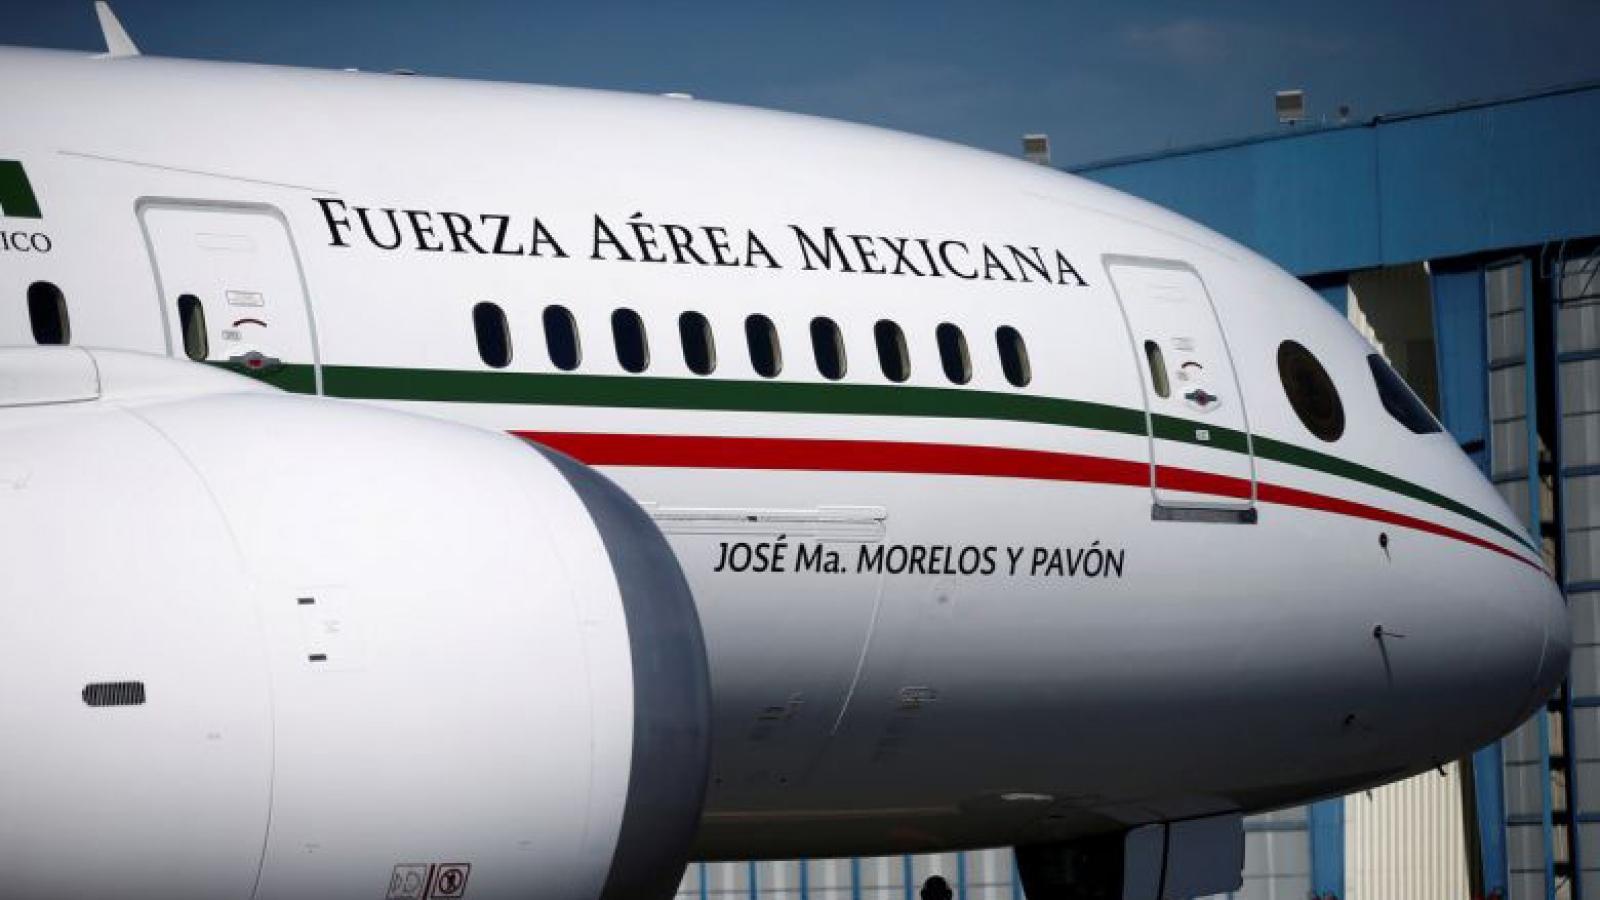 """Chuyên cơ của Tổng thống Mexico """"ế khách"""" khi được rao bán ở Mỹ"""